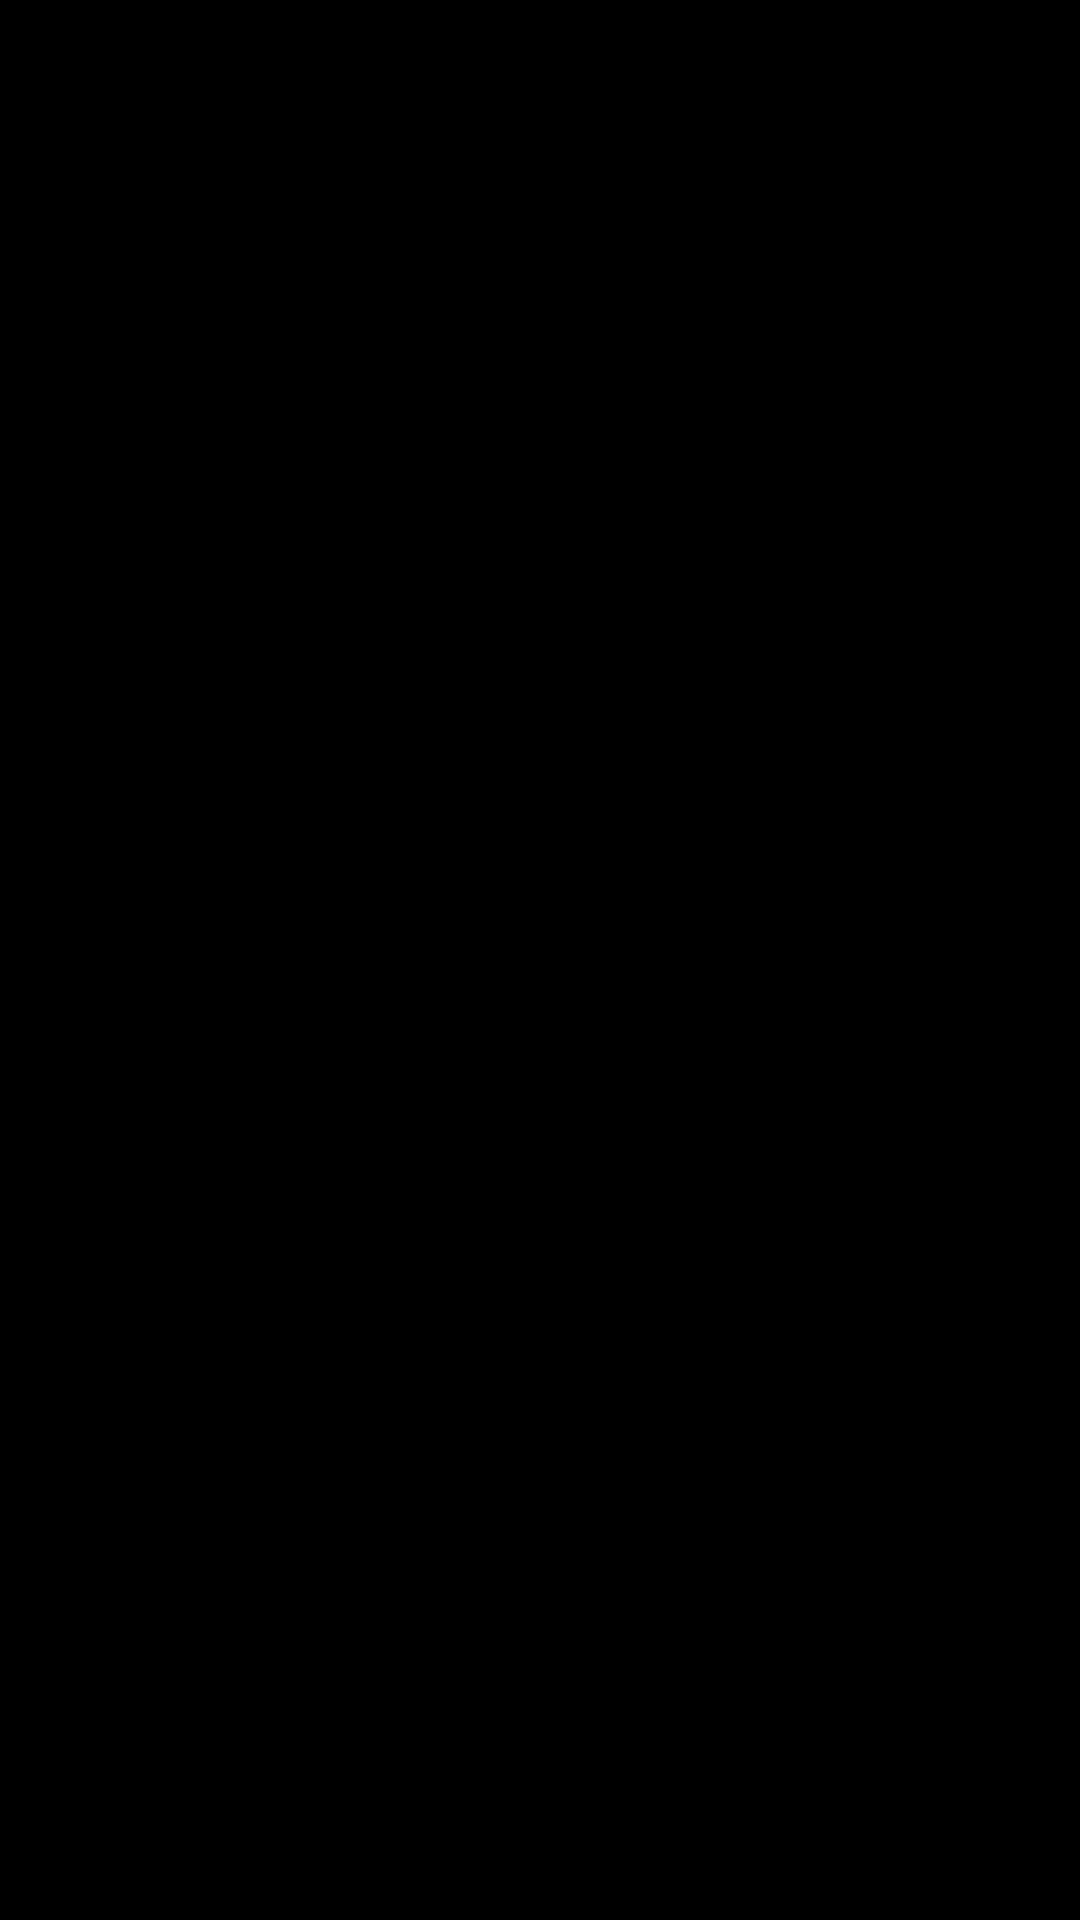 Black Wallpaper Samsung Logo